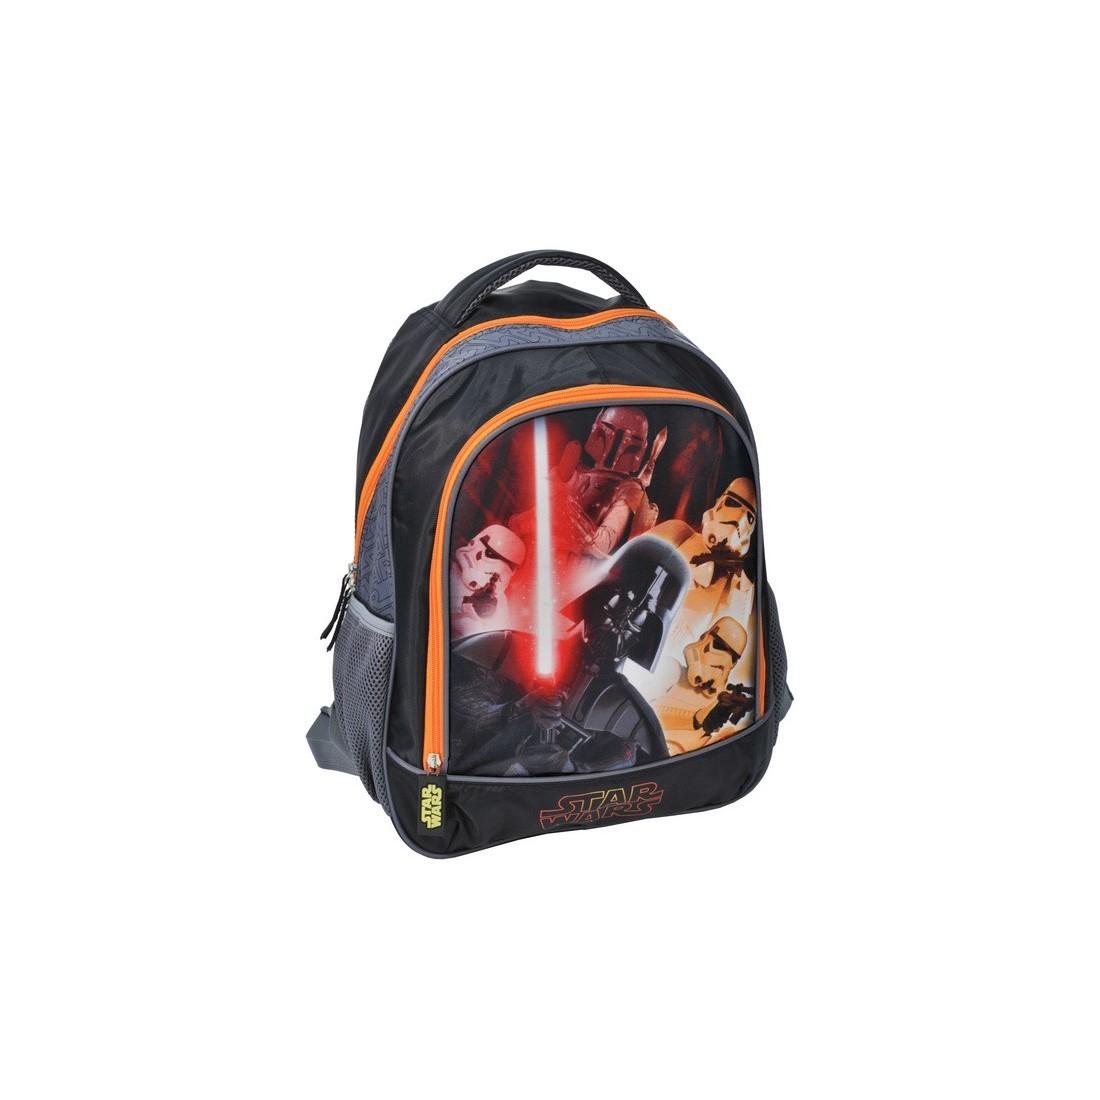 Plecak szkolny Star Wars z pomarańczowym zamkiem - plecak-tornister.pl